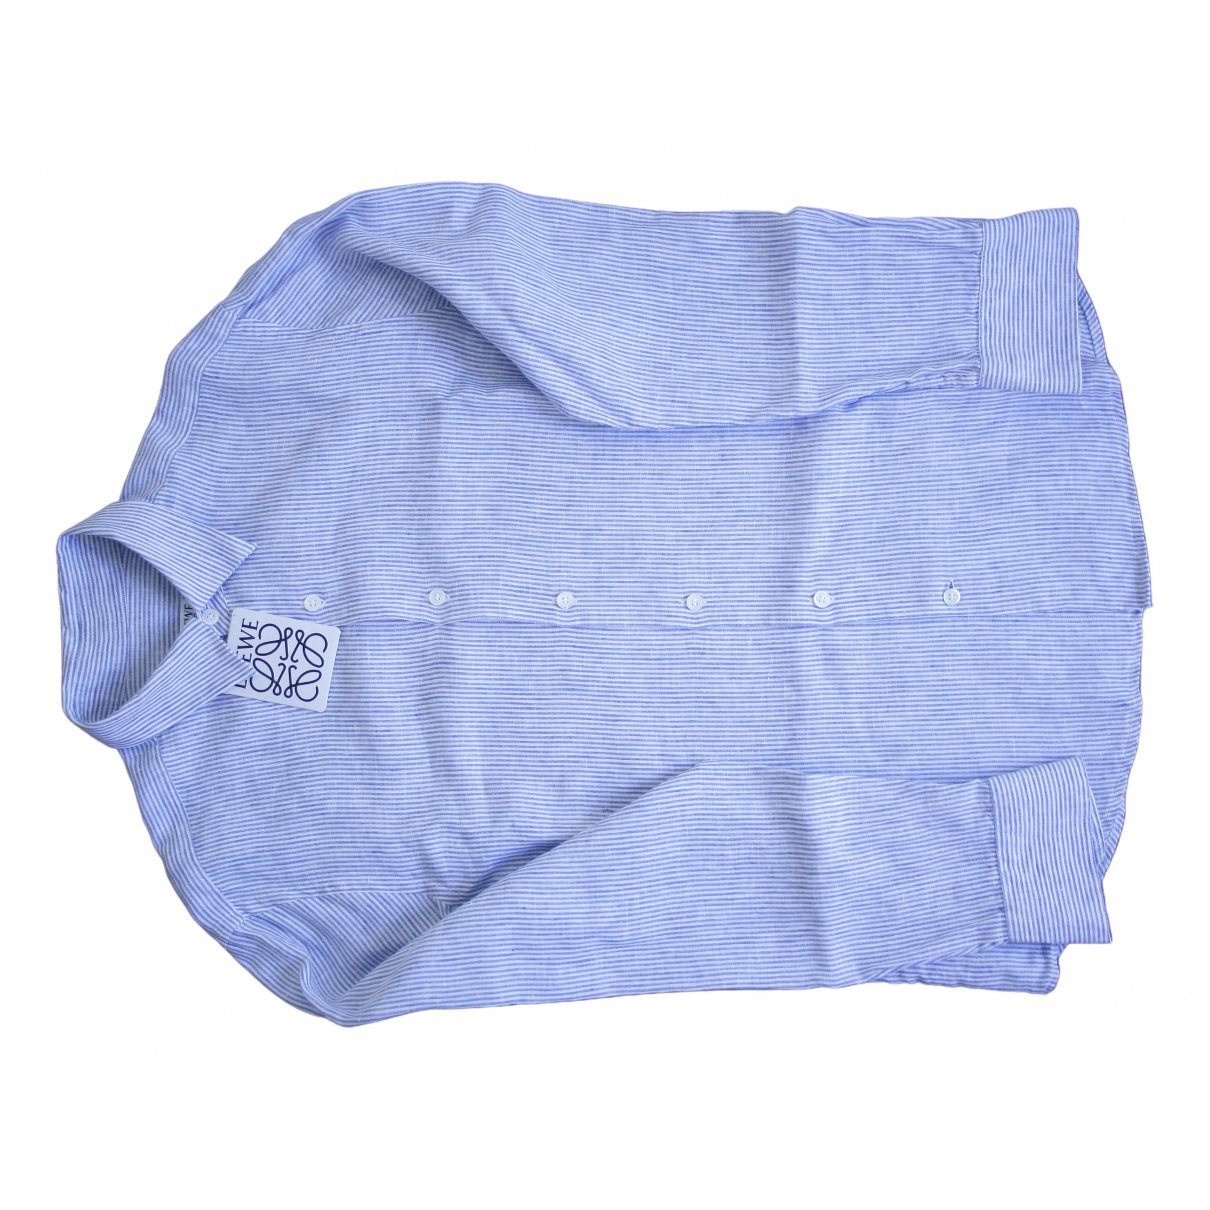 Loewe - Chemises   pour homme en lin - bleu